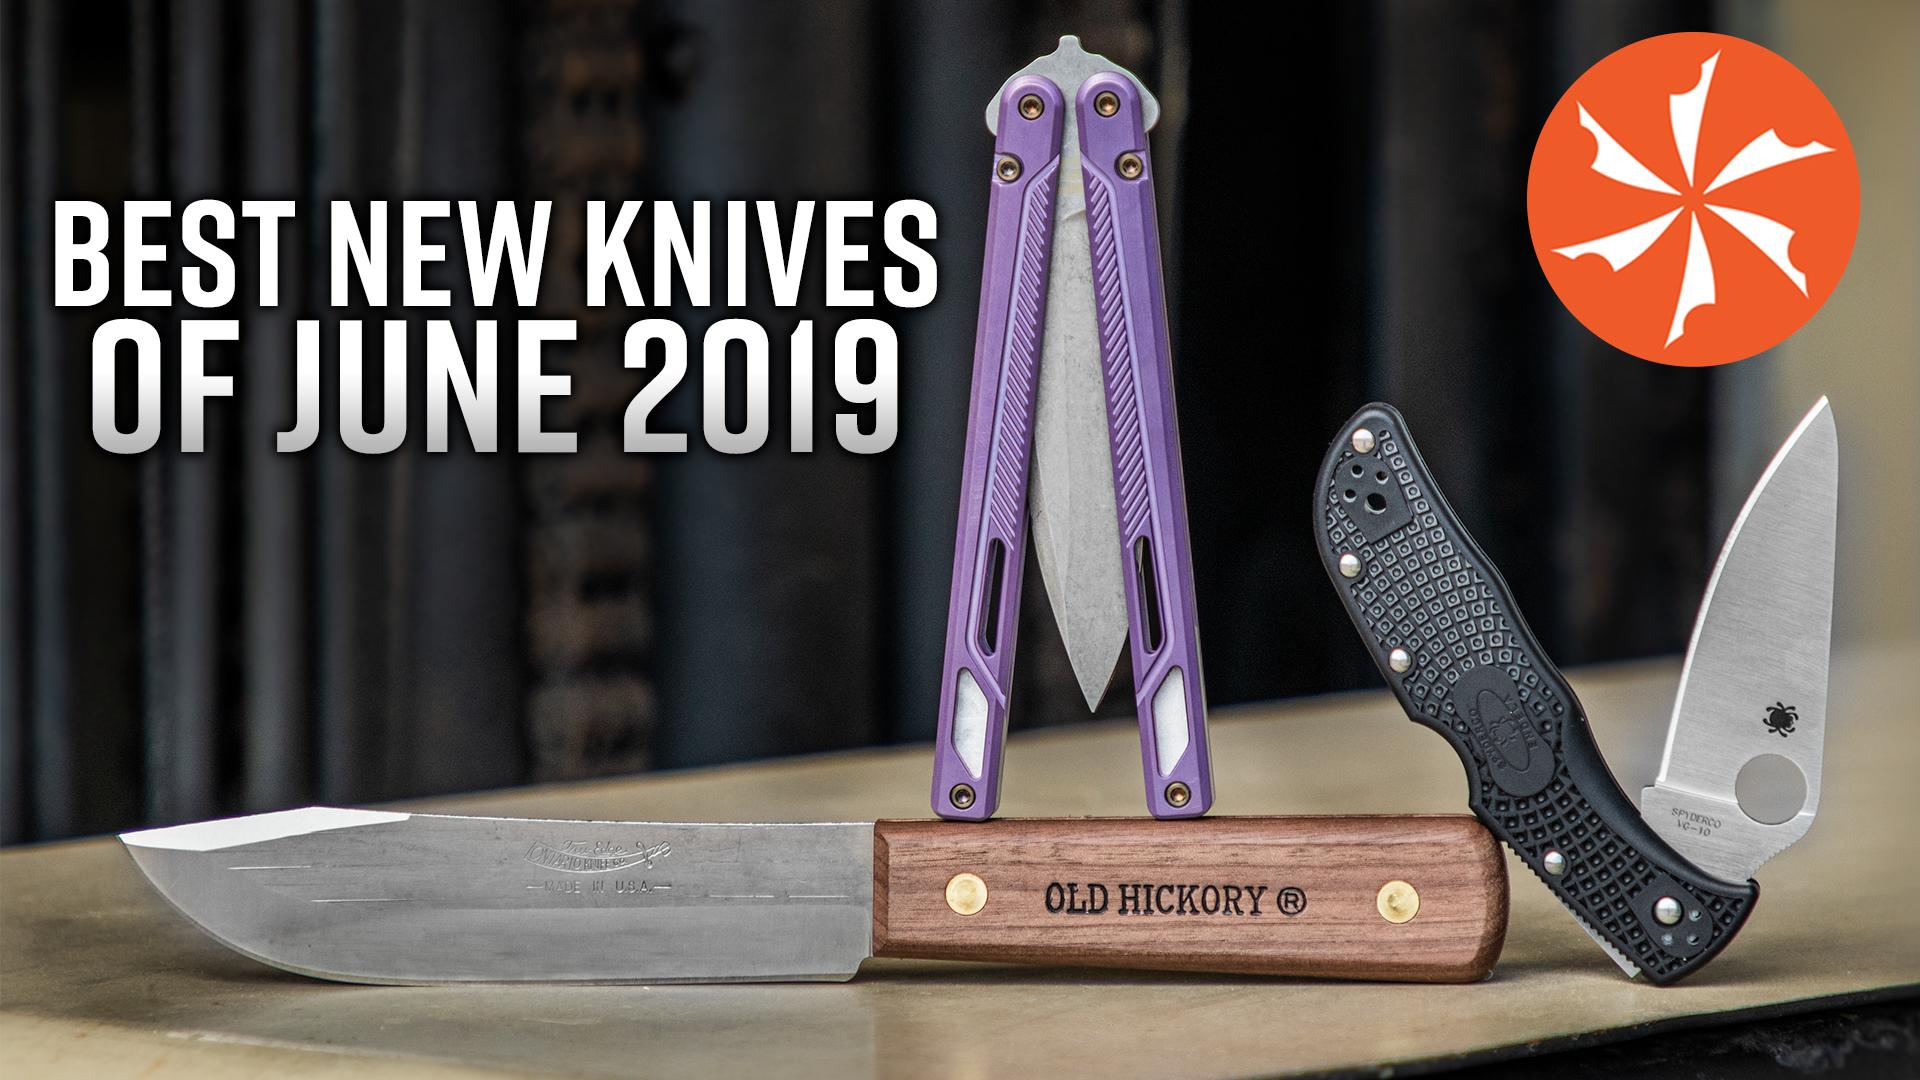 Best-New-Knives-June-2019